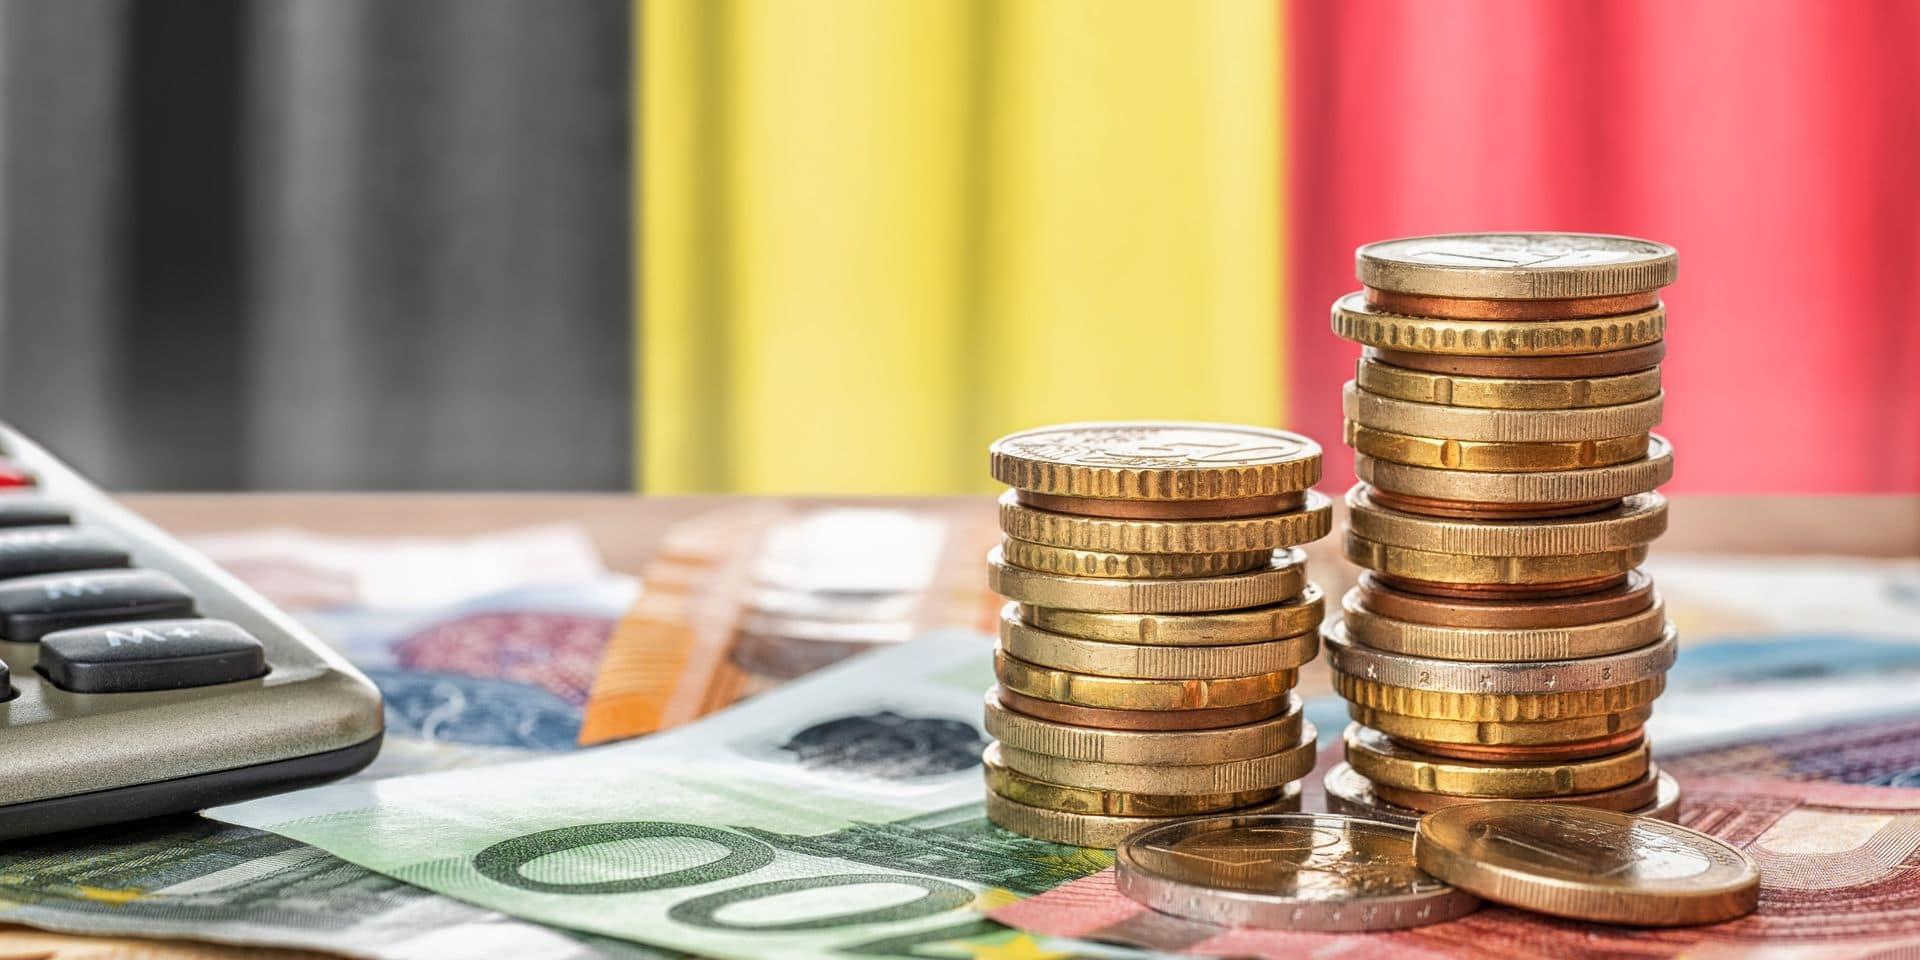 Quelles perspectives économiques pour la Belgique ? Un probable recul de 4% du PIB et 35.000 chômeurs de plus